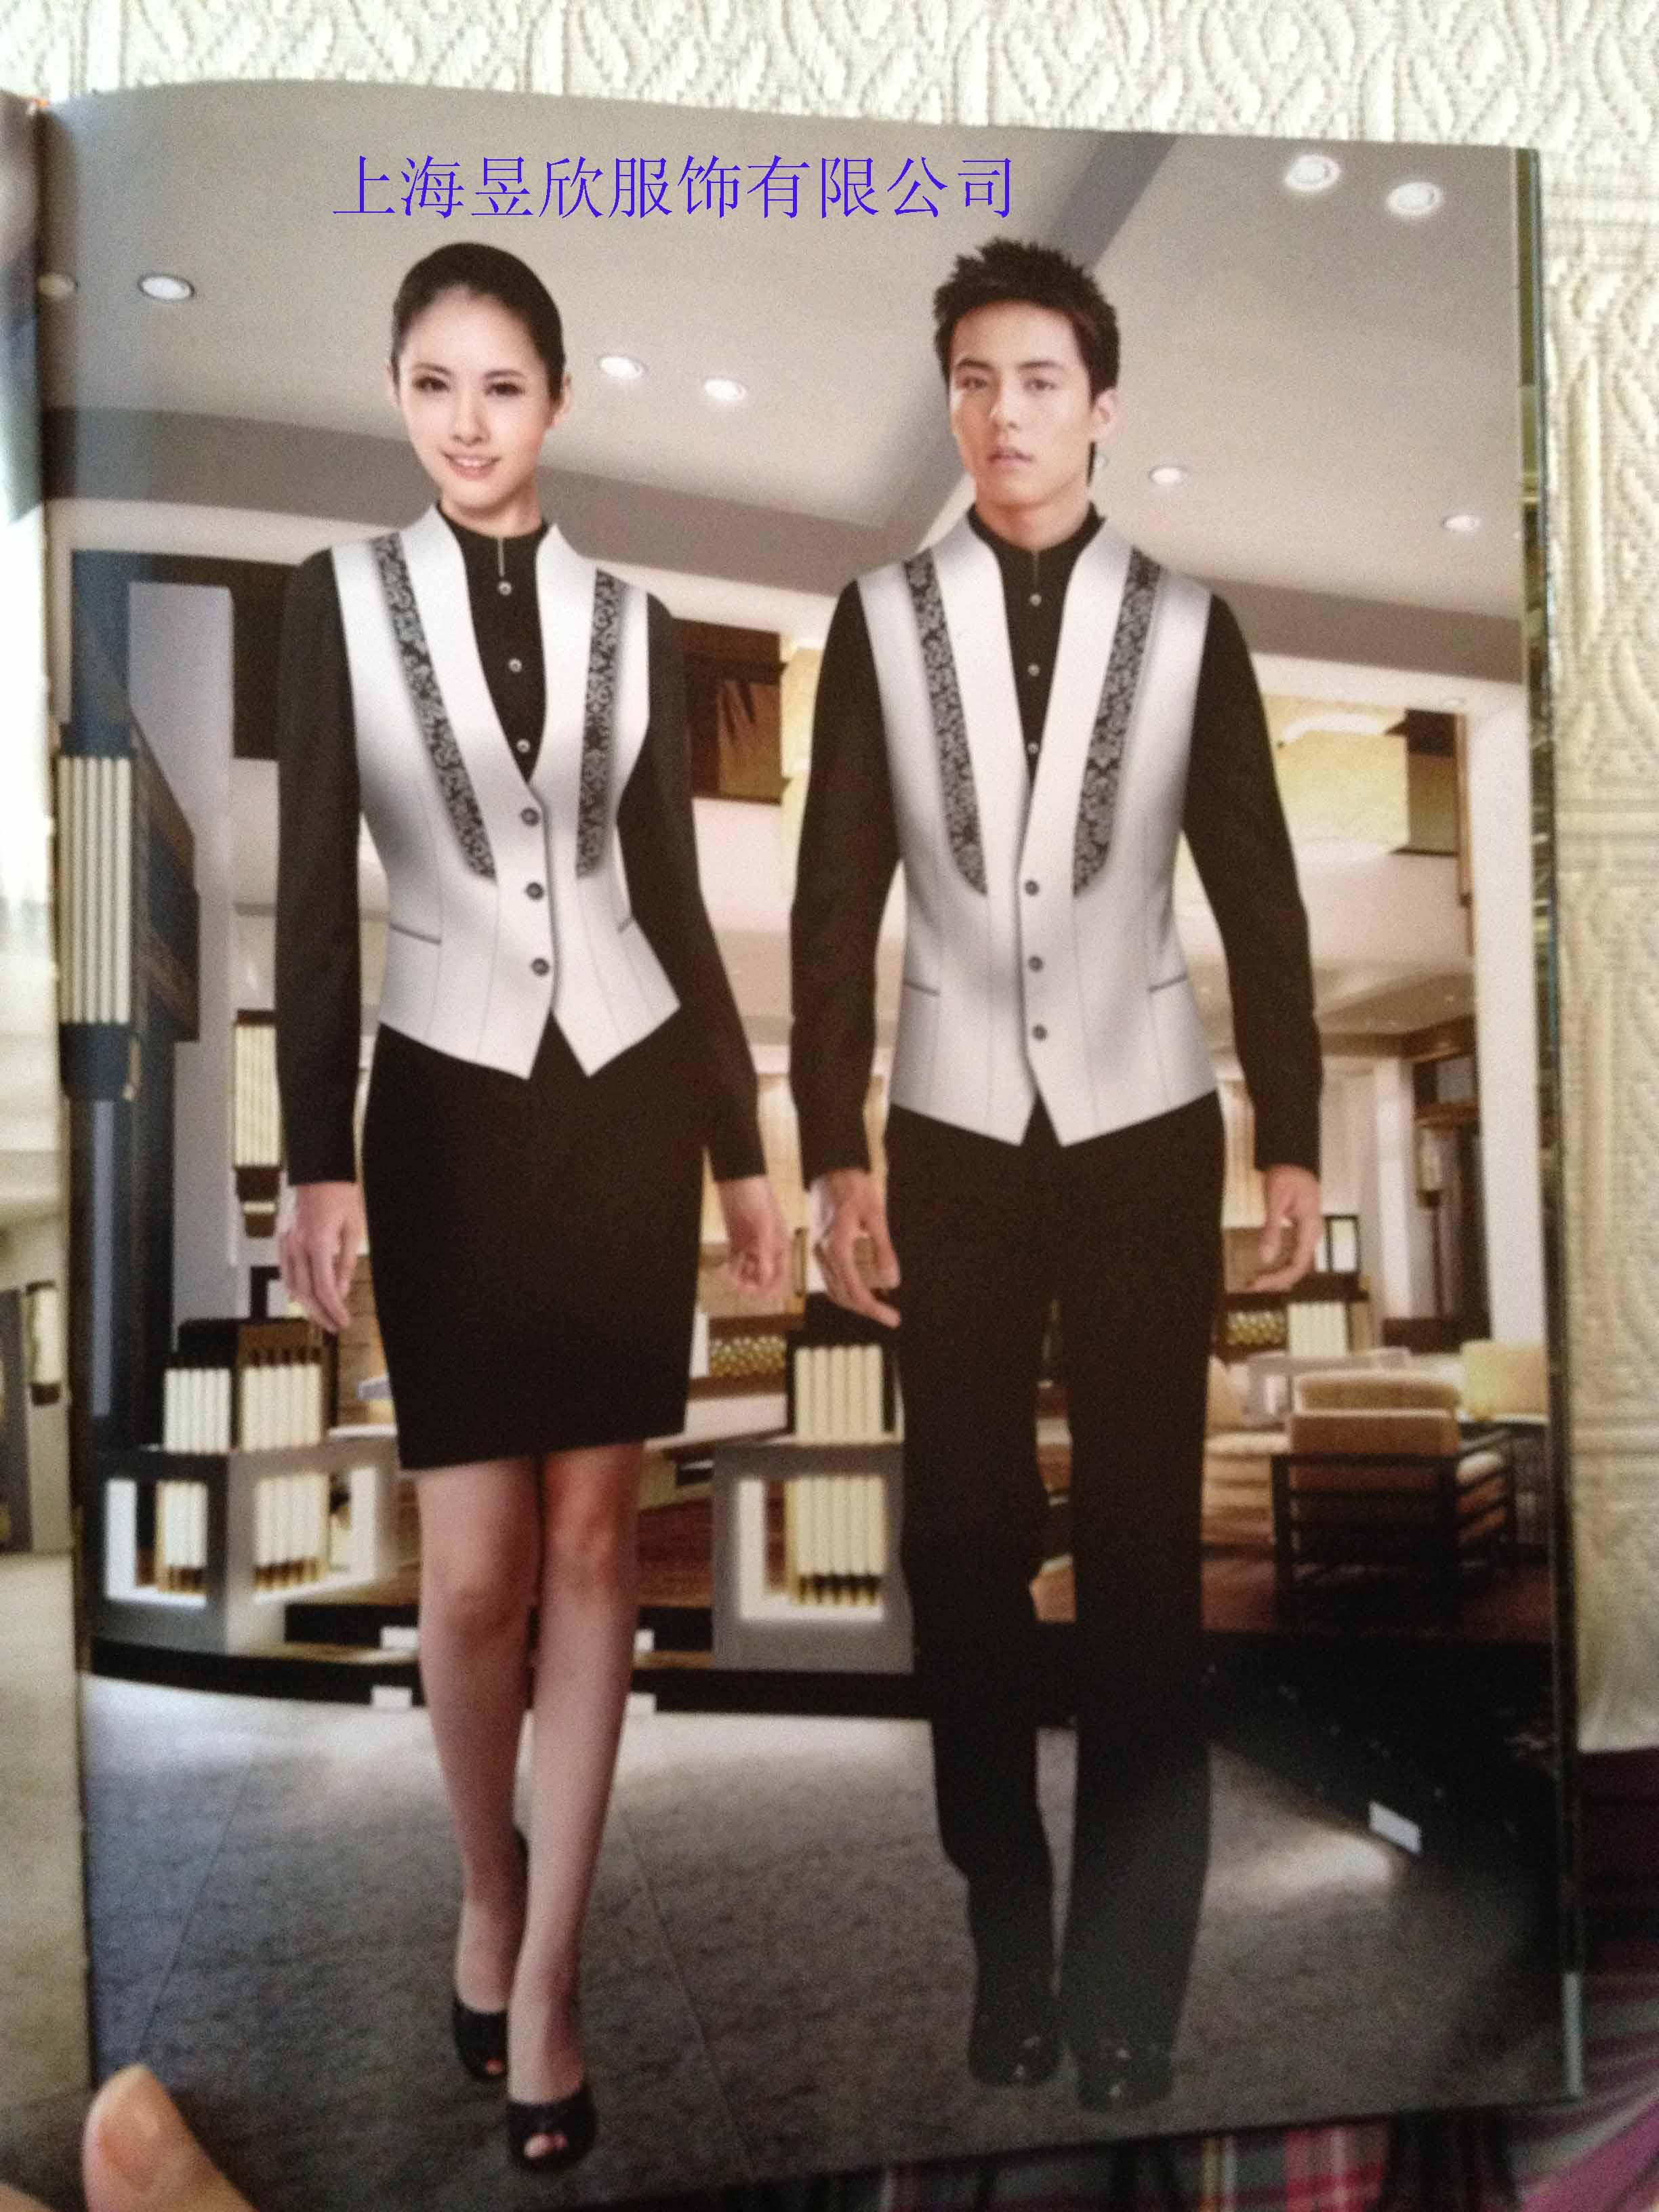 上海酒店工作服定做 订做酒店服务员制服